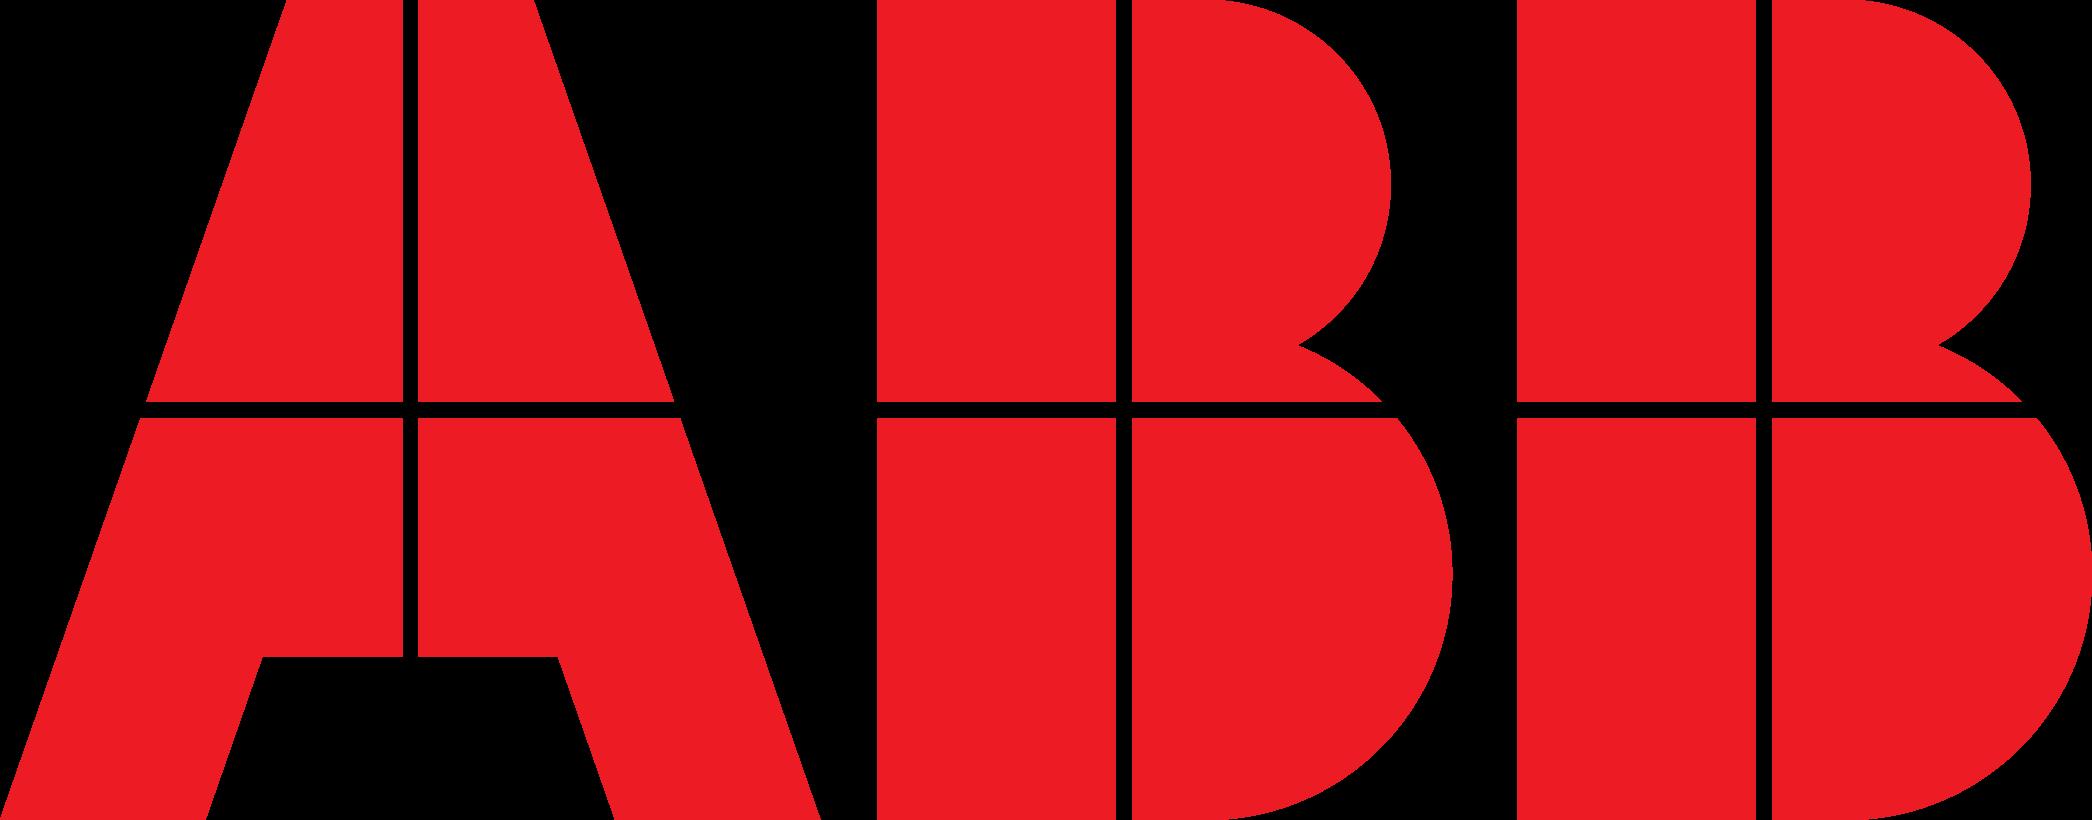 //electro-service.com.au/wp-content/uploads/2019/05/abb.png